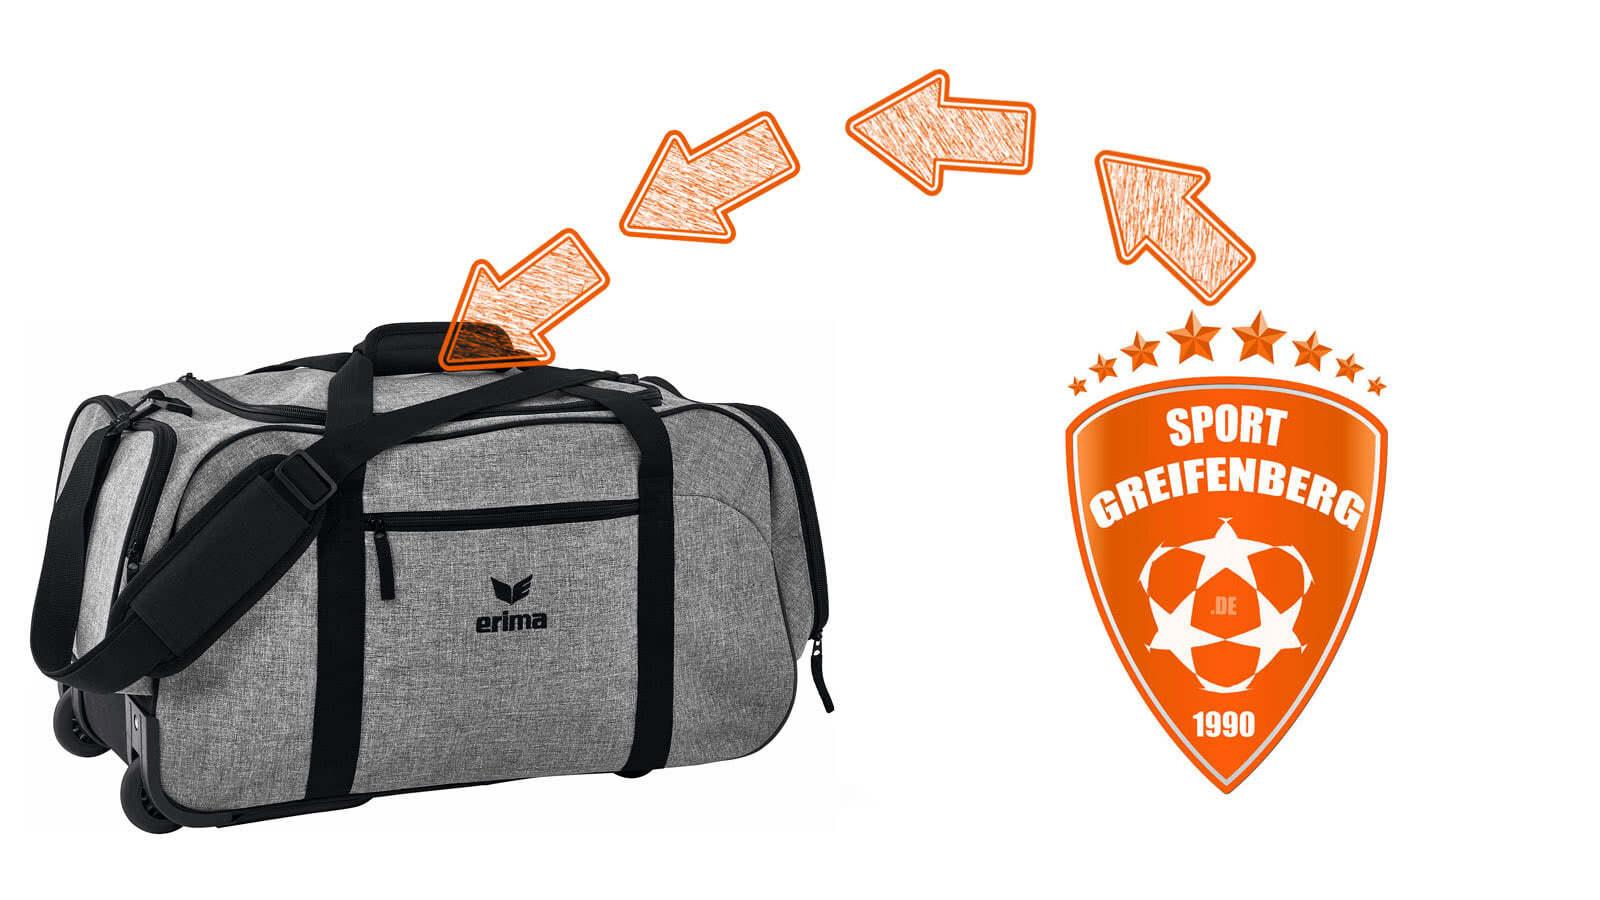 Jetzt die Sporttaschen mit Sporttaschen mit Vereinslogo bedrucken